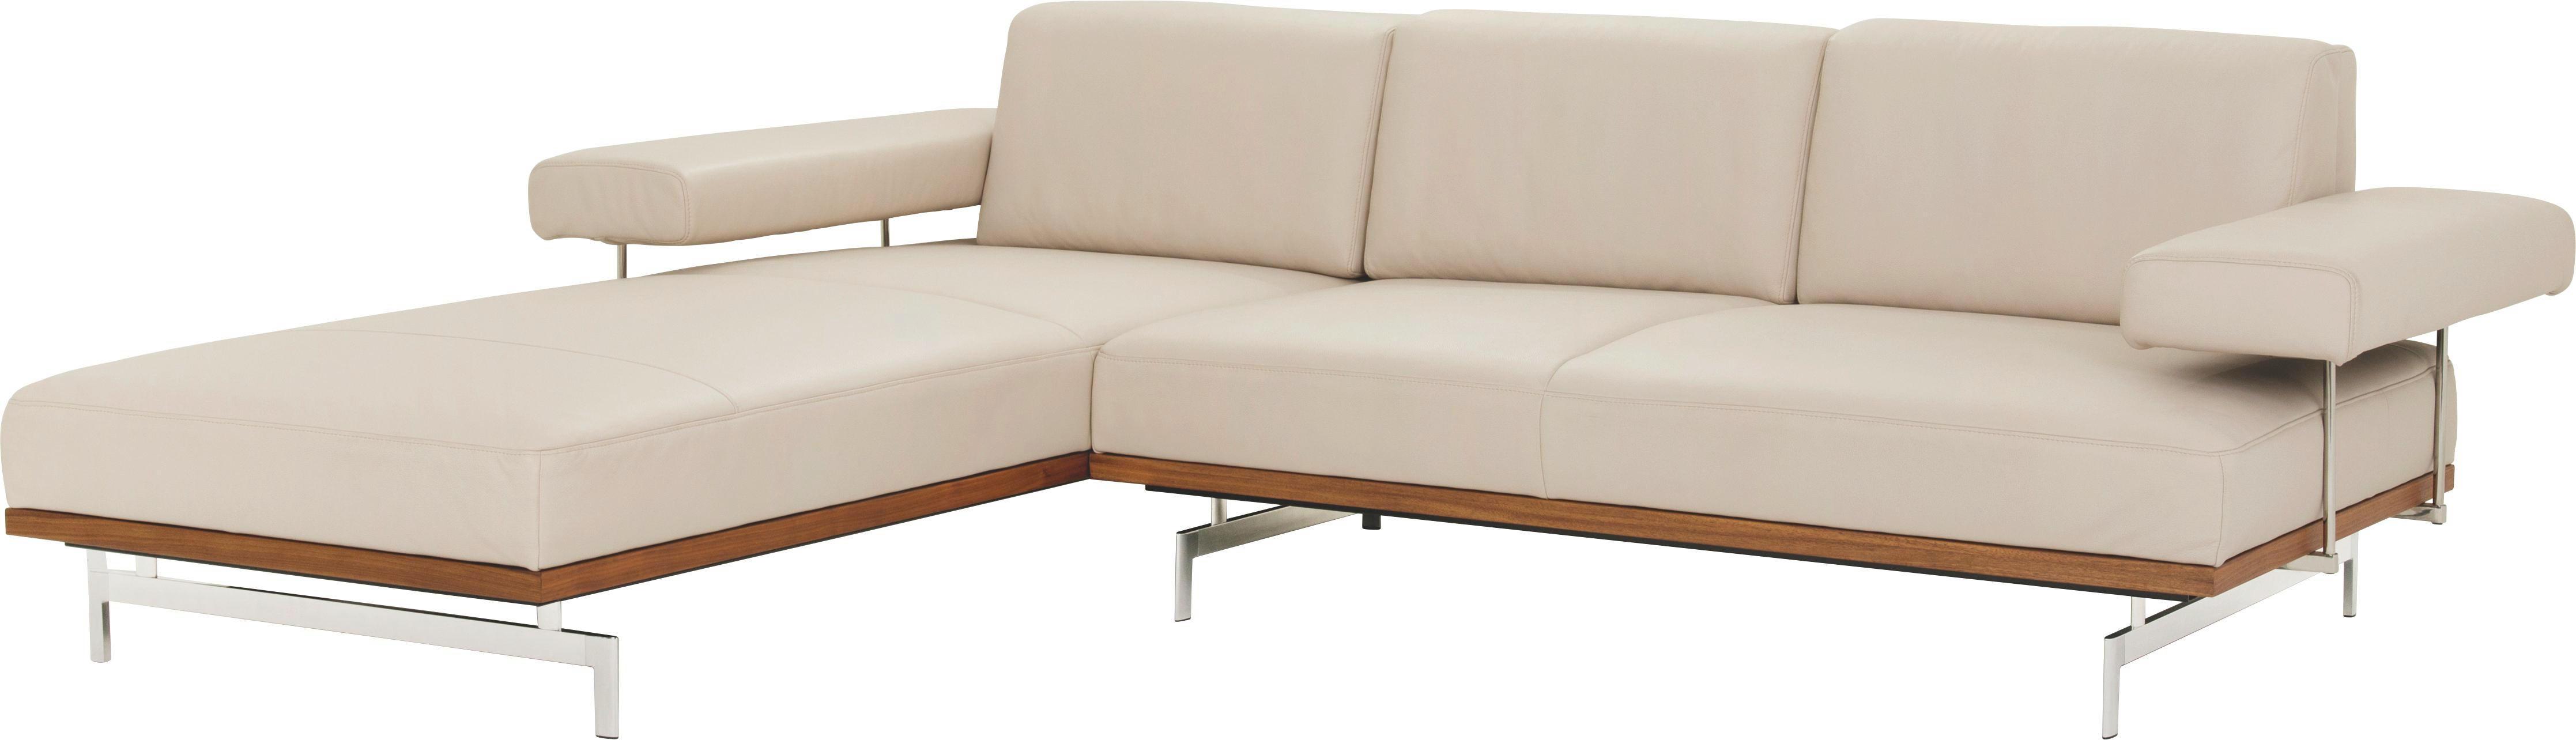 WOHNLANDSCHAFT in Creme Leder - Creme/Alufarben, Design, Leder/Metall (237/295cm) - JOOP